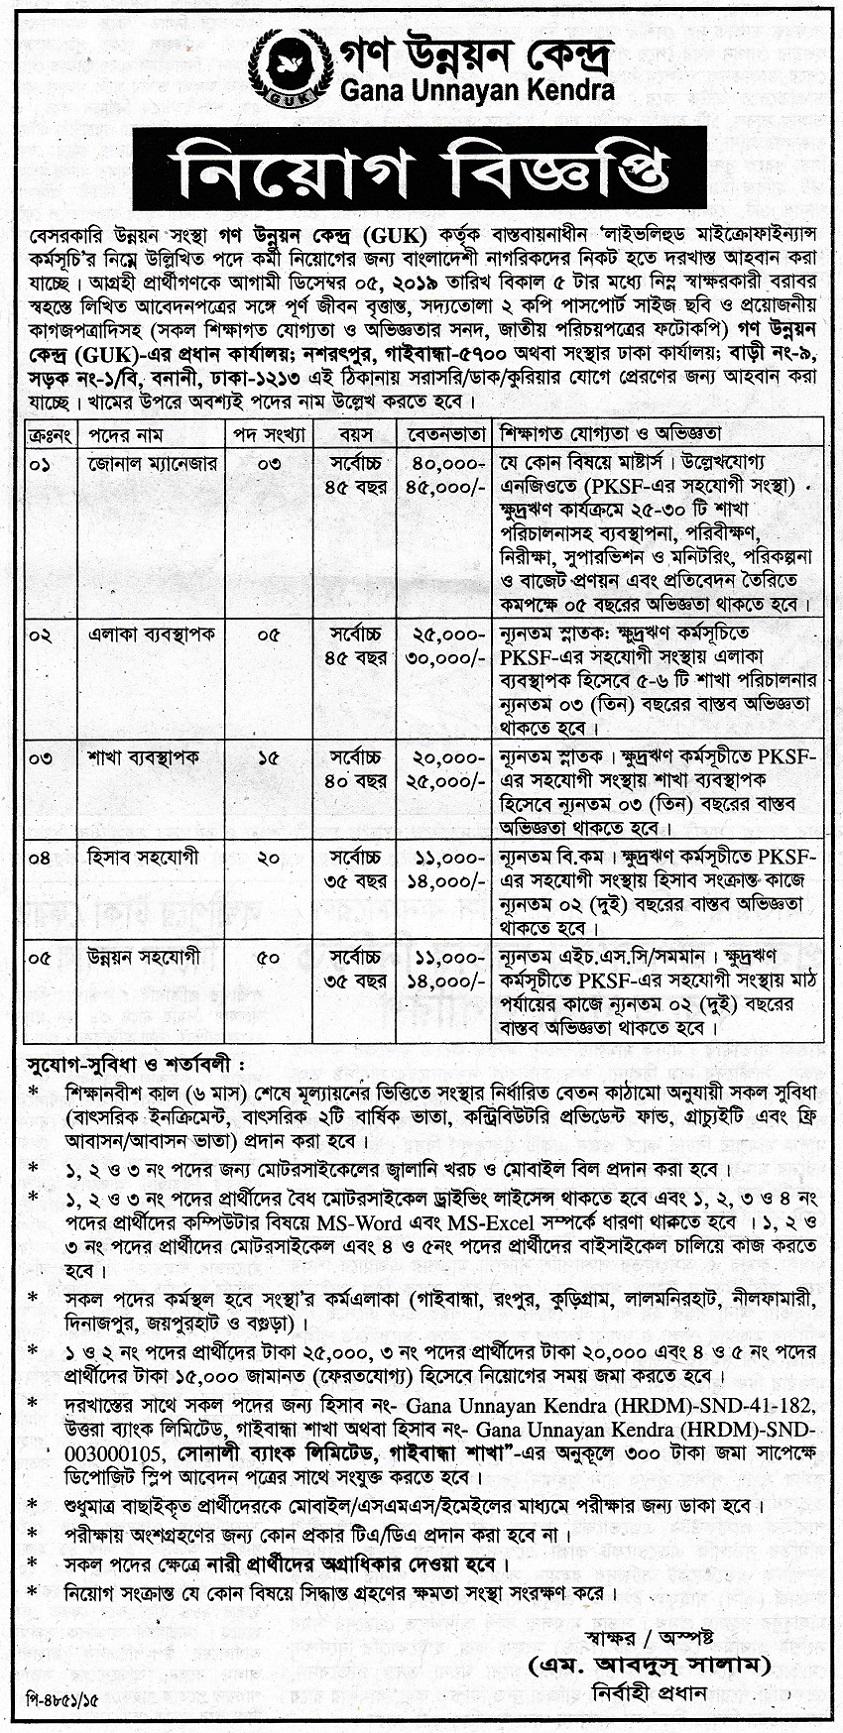 Gana Unnayan Kendra (GUK) Job Circular 2019